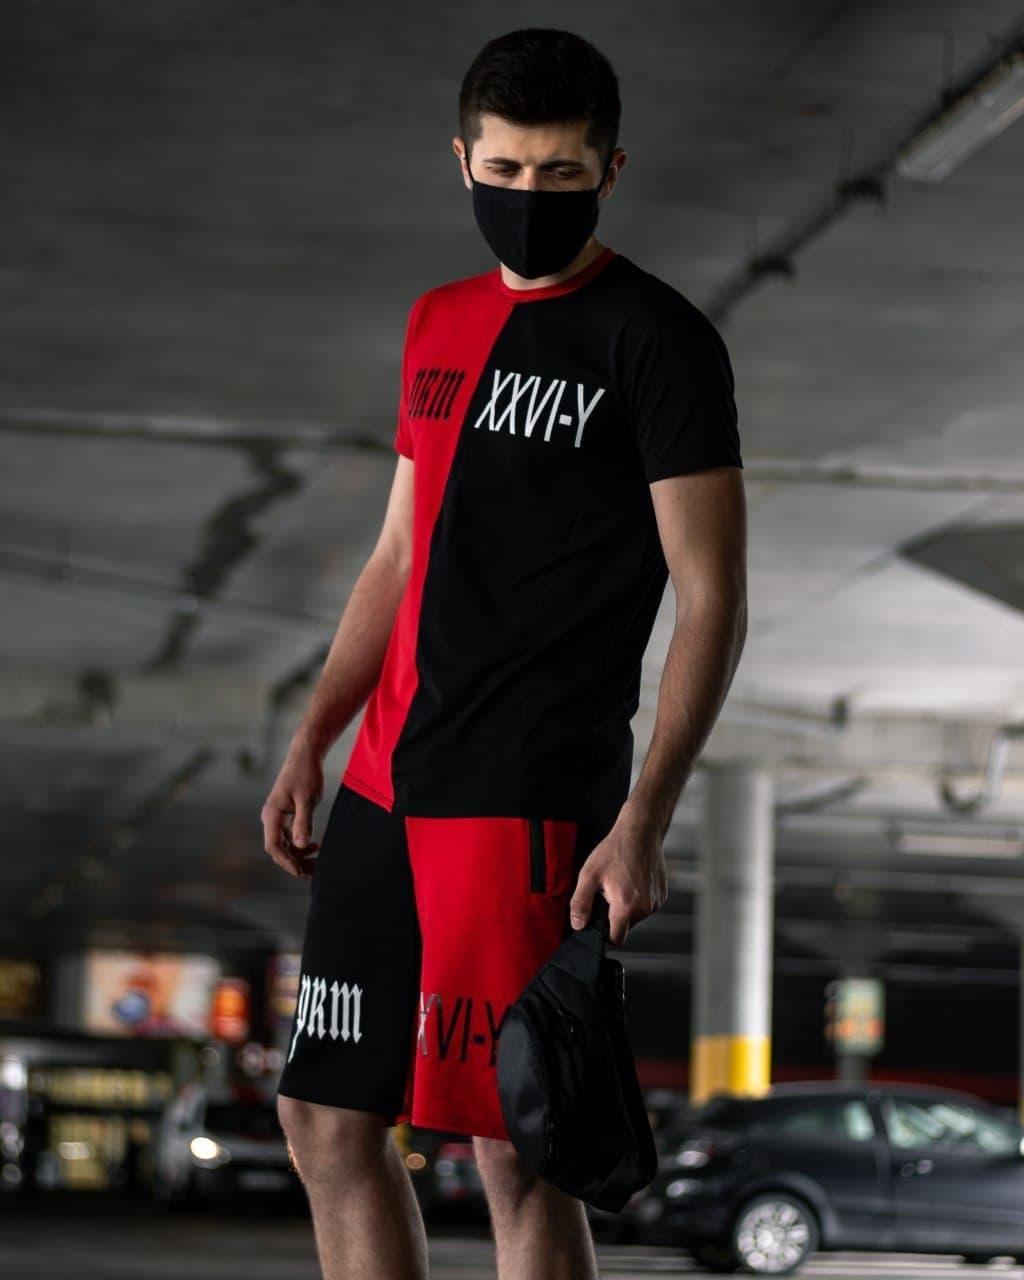 Мужской спортивный летний костюм красно-черный, комплект футболка и шорты высокого качества